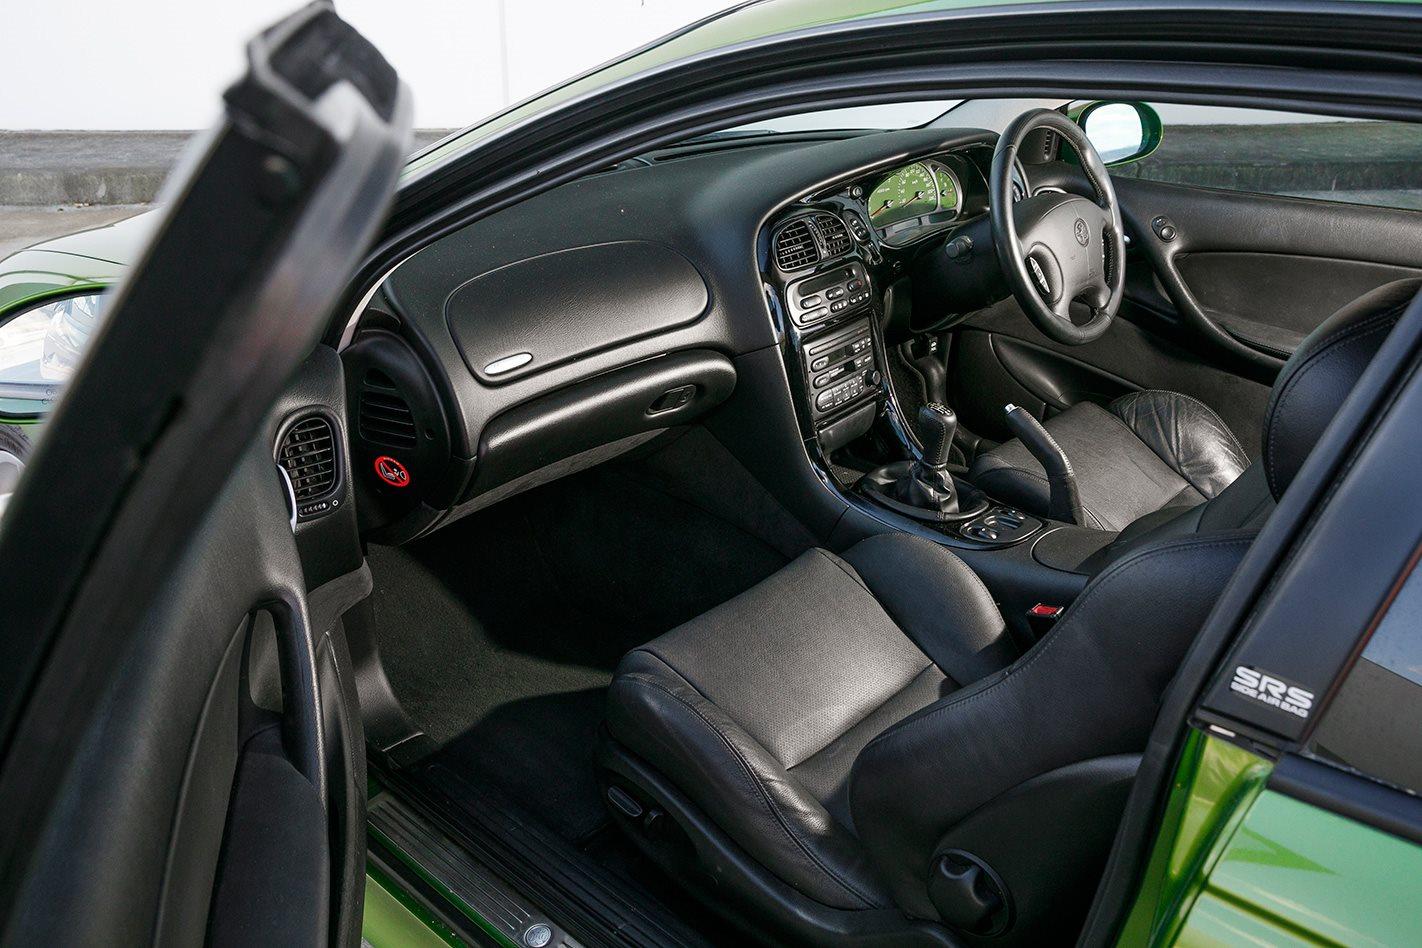 Holden Monaro cabin.jpg